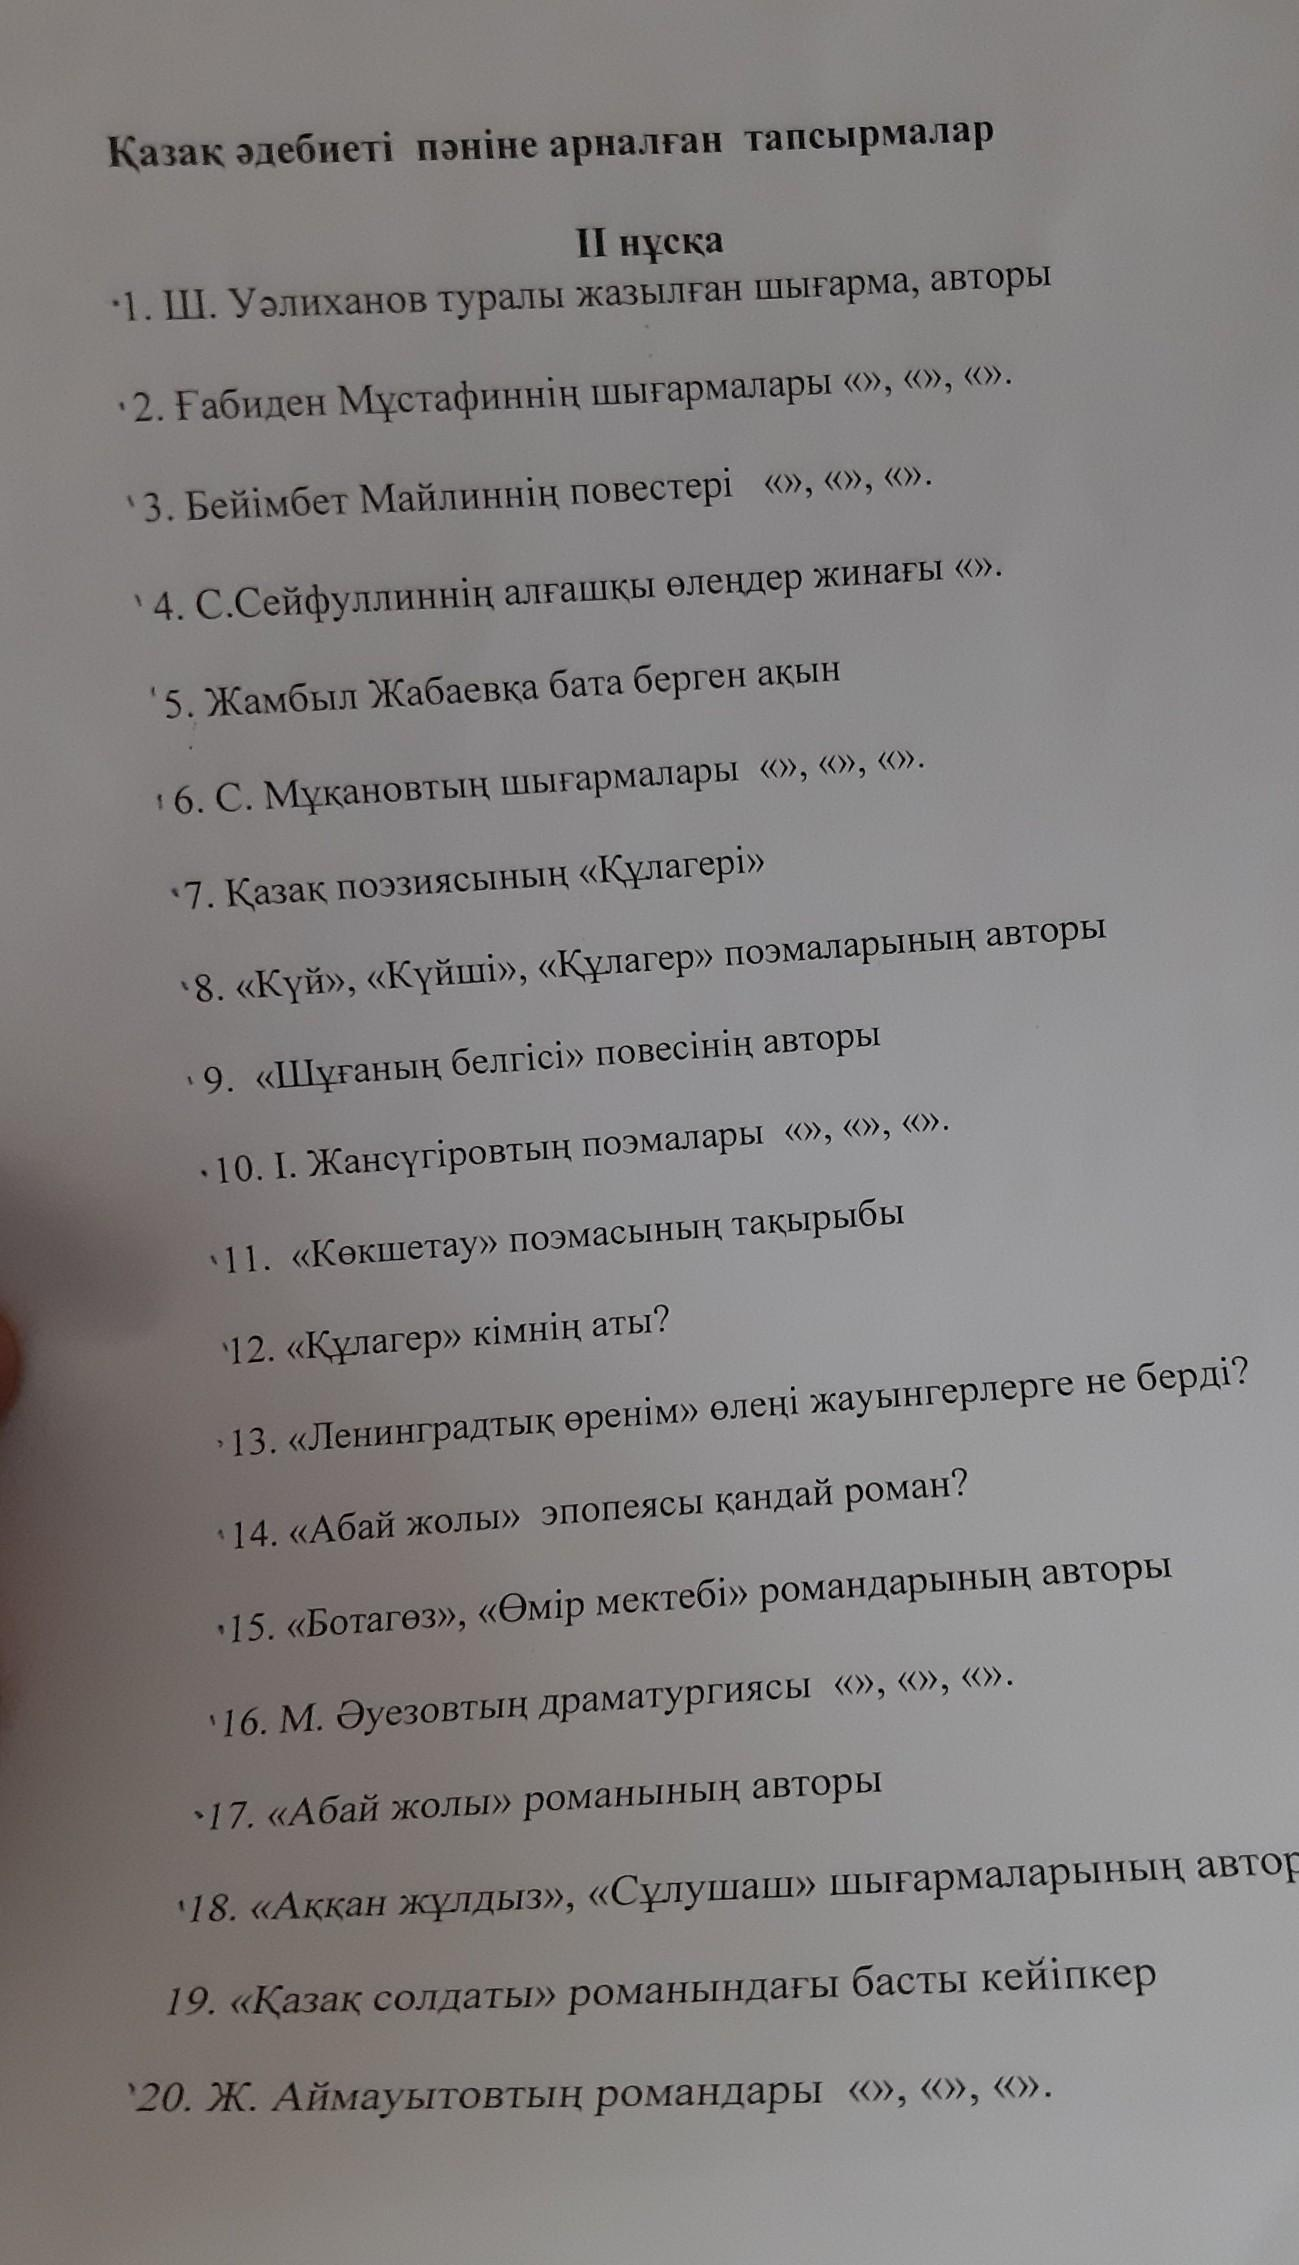 Можете помочь казахский